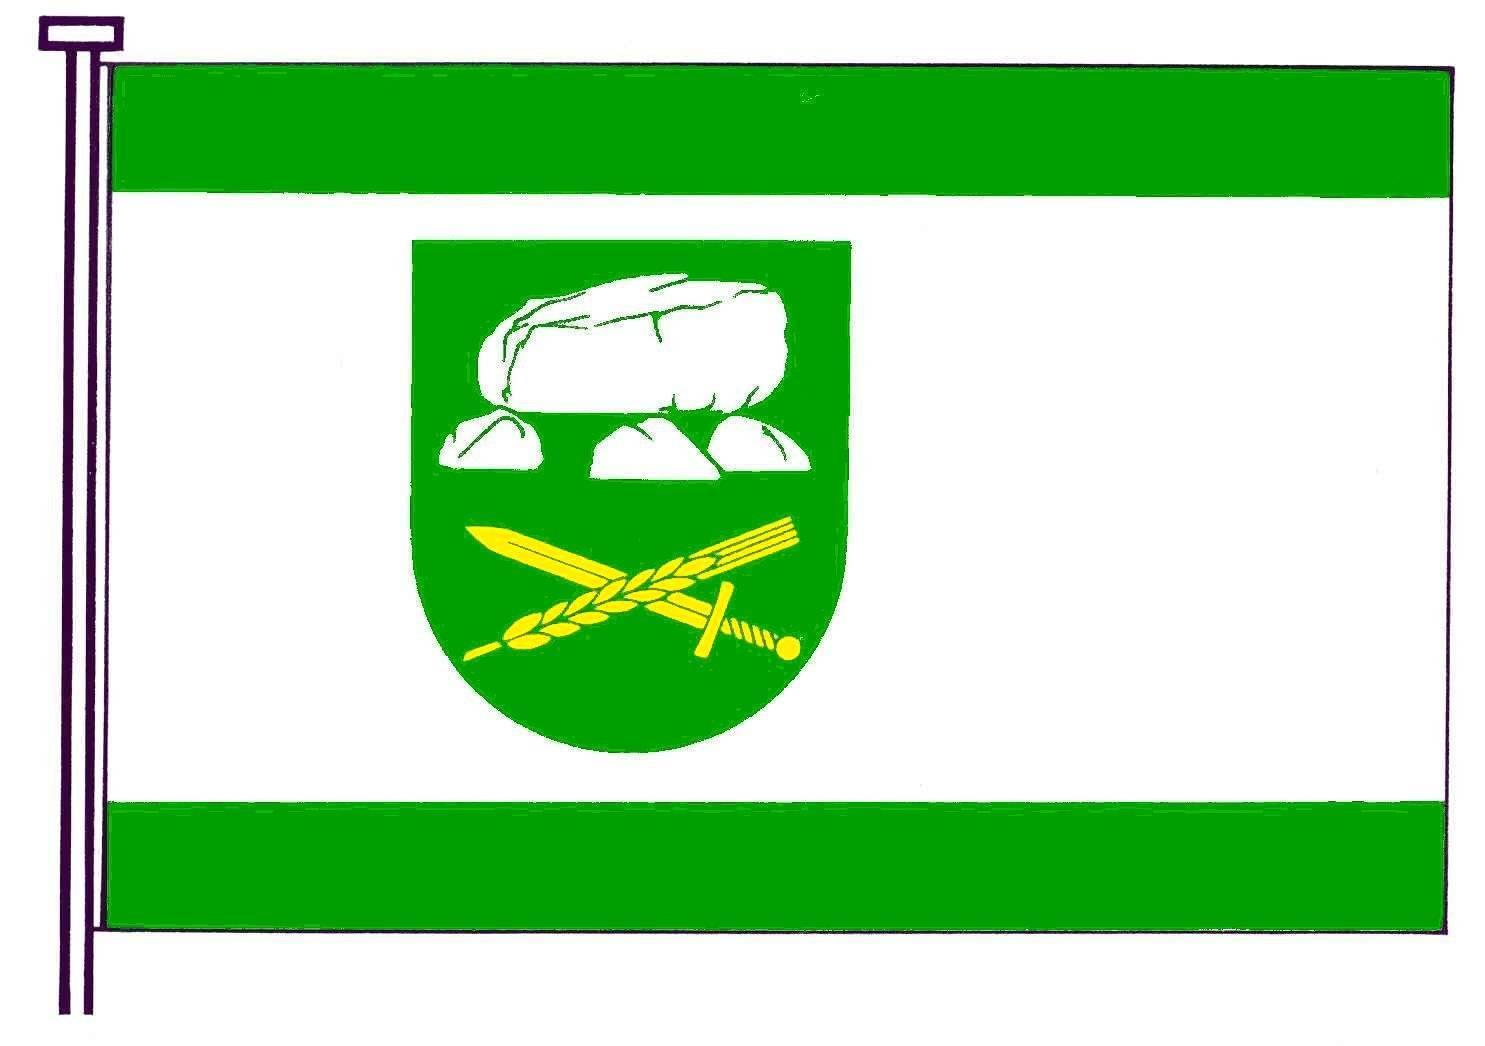 Flagge GemeindeAlbersdorf, Kreis Dithmarschen